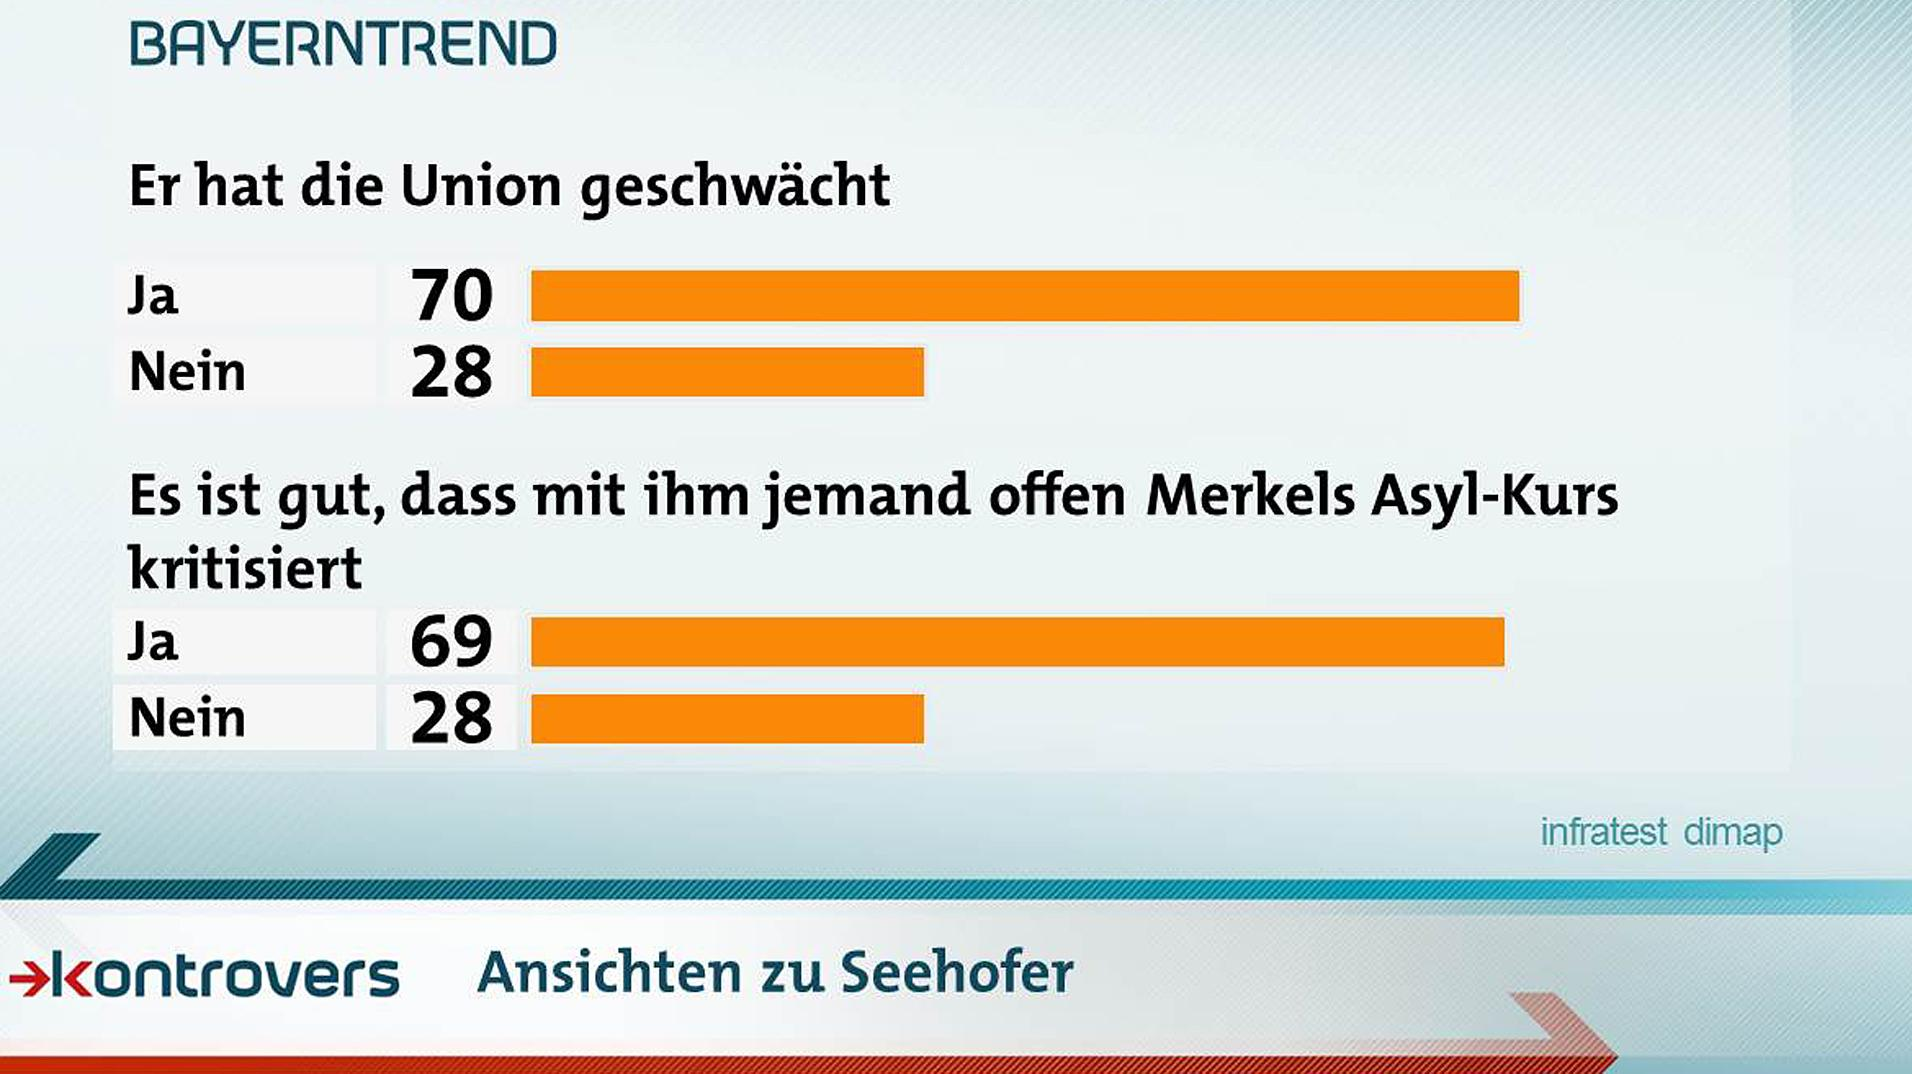 Hat Seehofer die Union geschwächt? 70 Prozent sagen ja, 28 Prozent sagen nein.